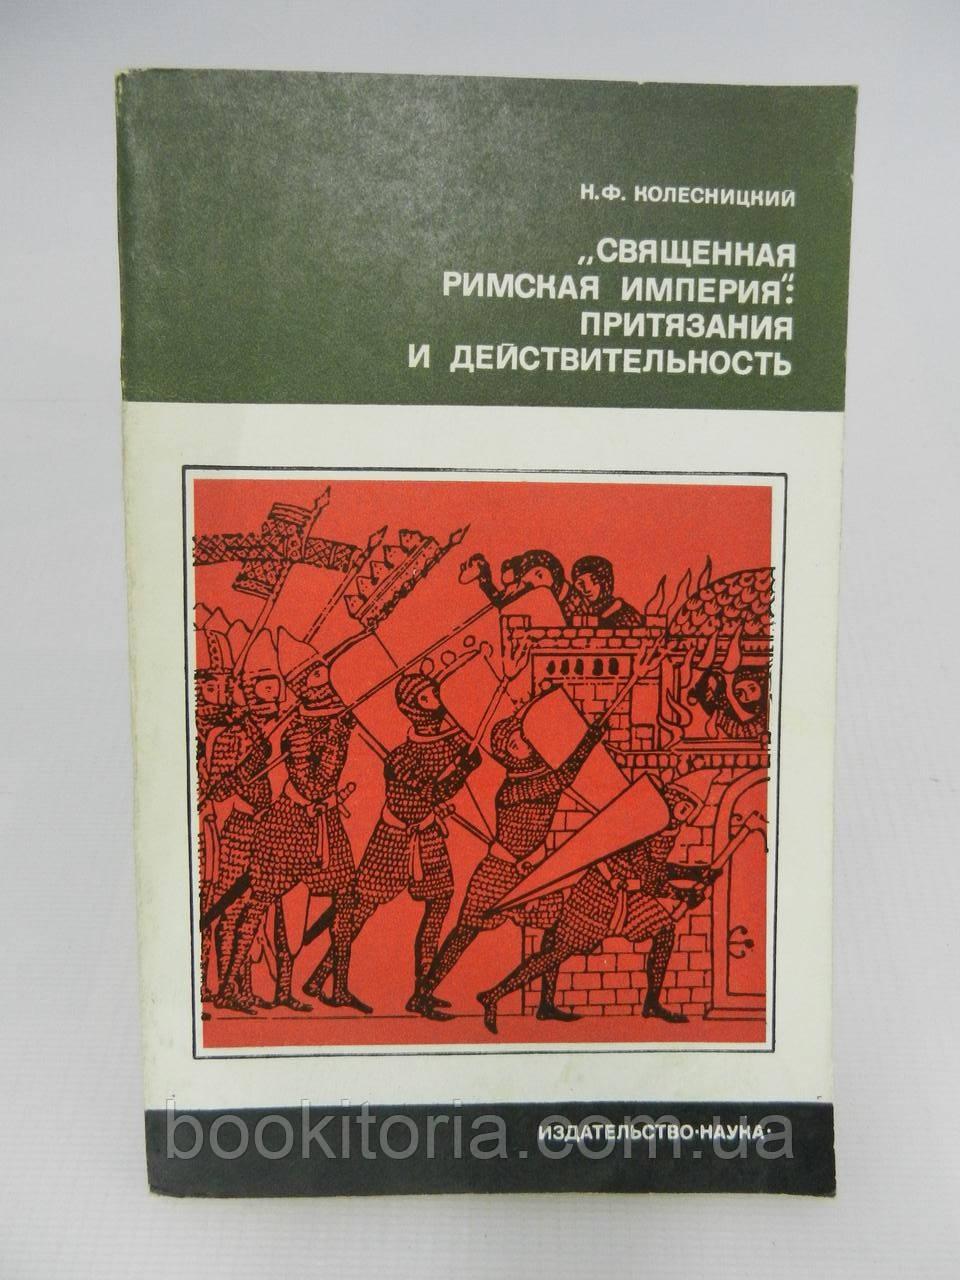 Колесницкий Н.Ф. Священная Римская империя: притязания и действительность (б/у).